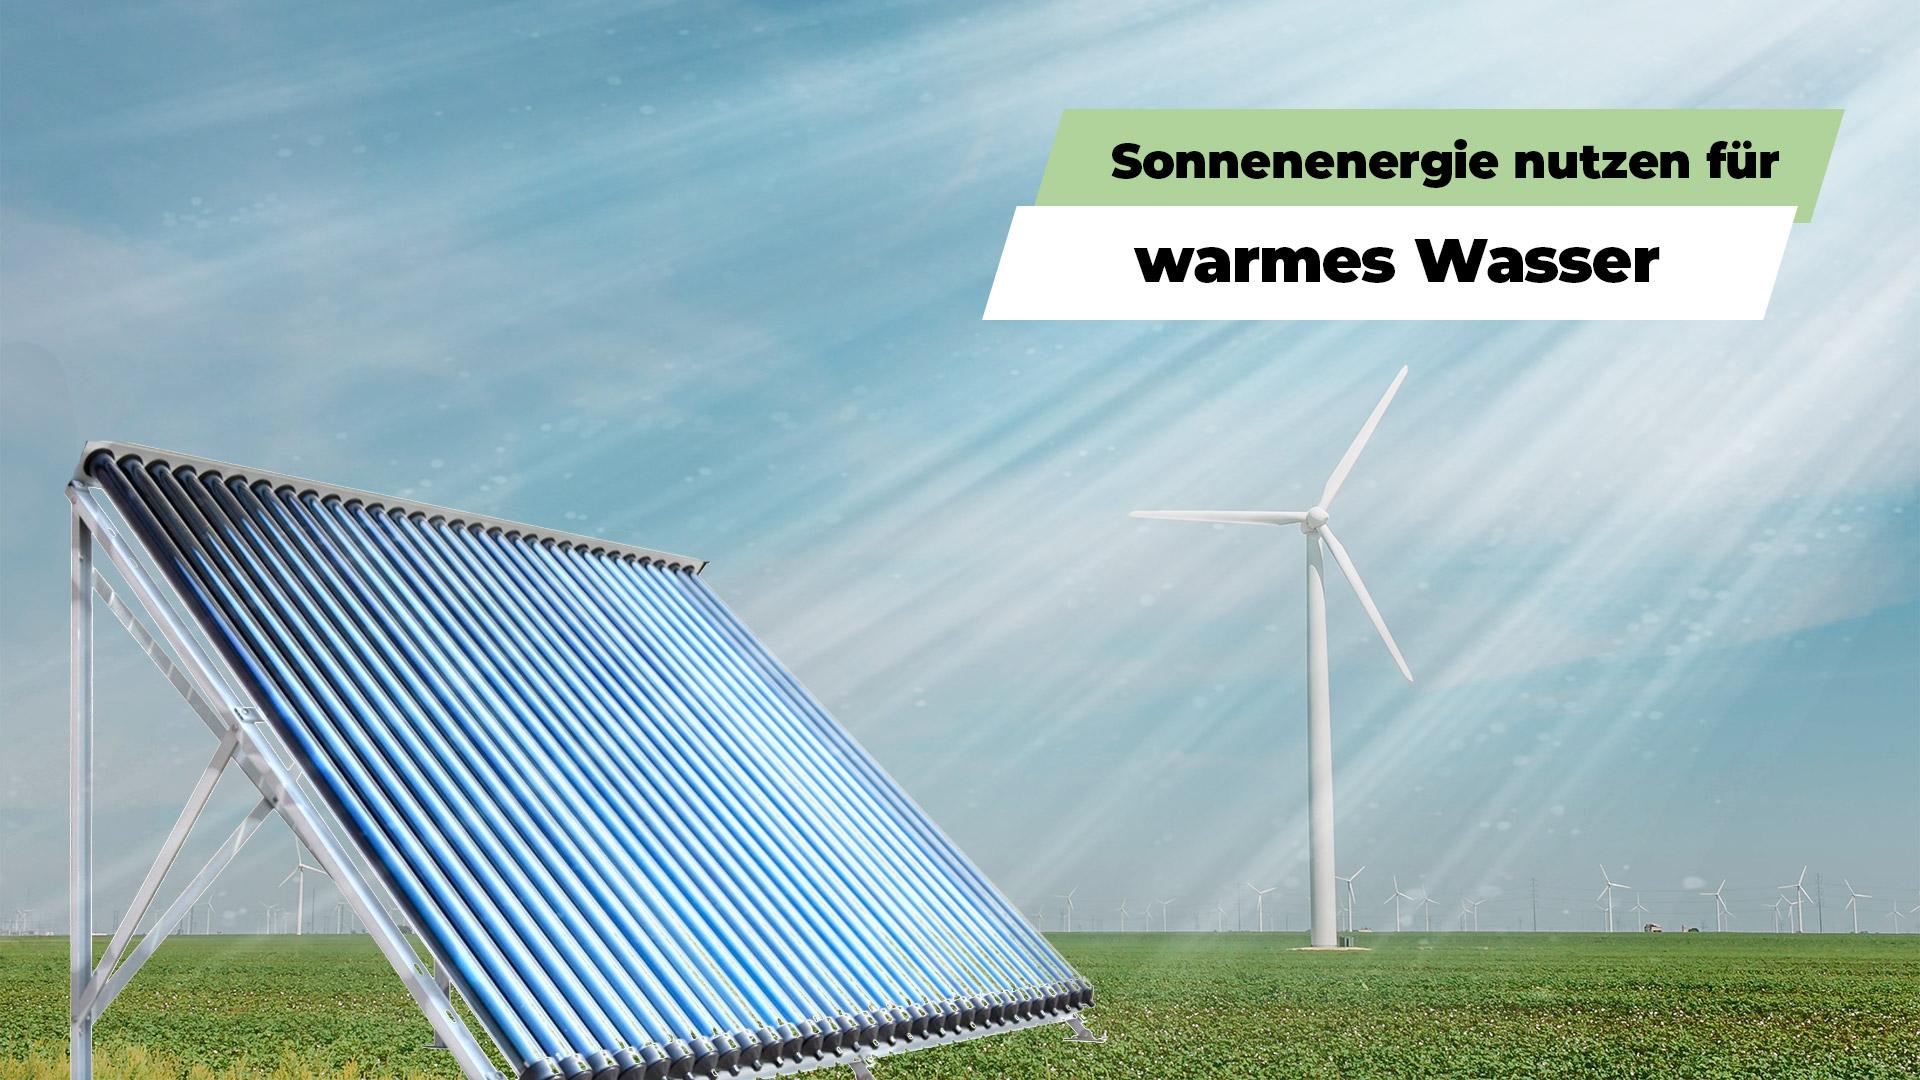 Solarenergie nutzen für warmes Wasser durch Kollektoren